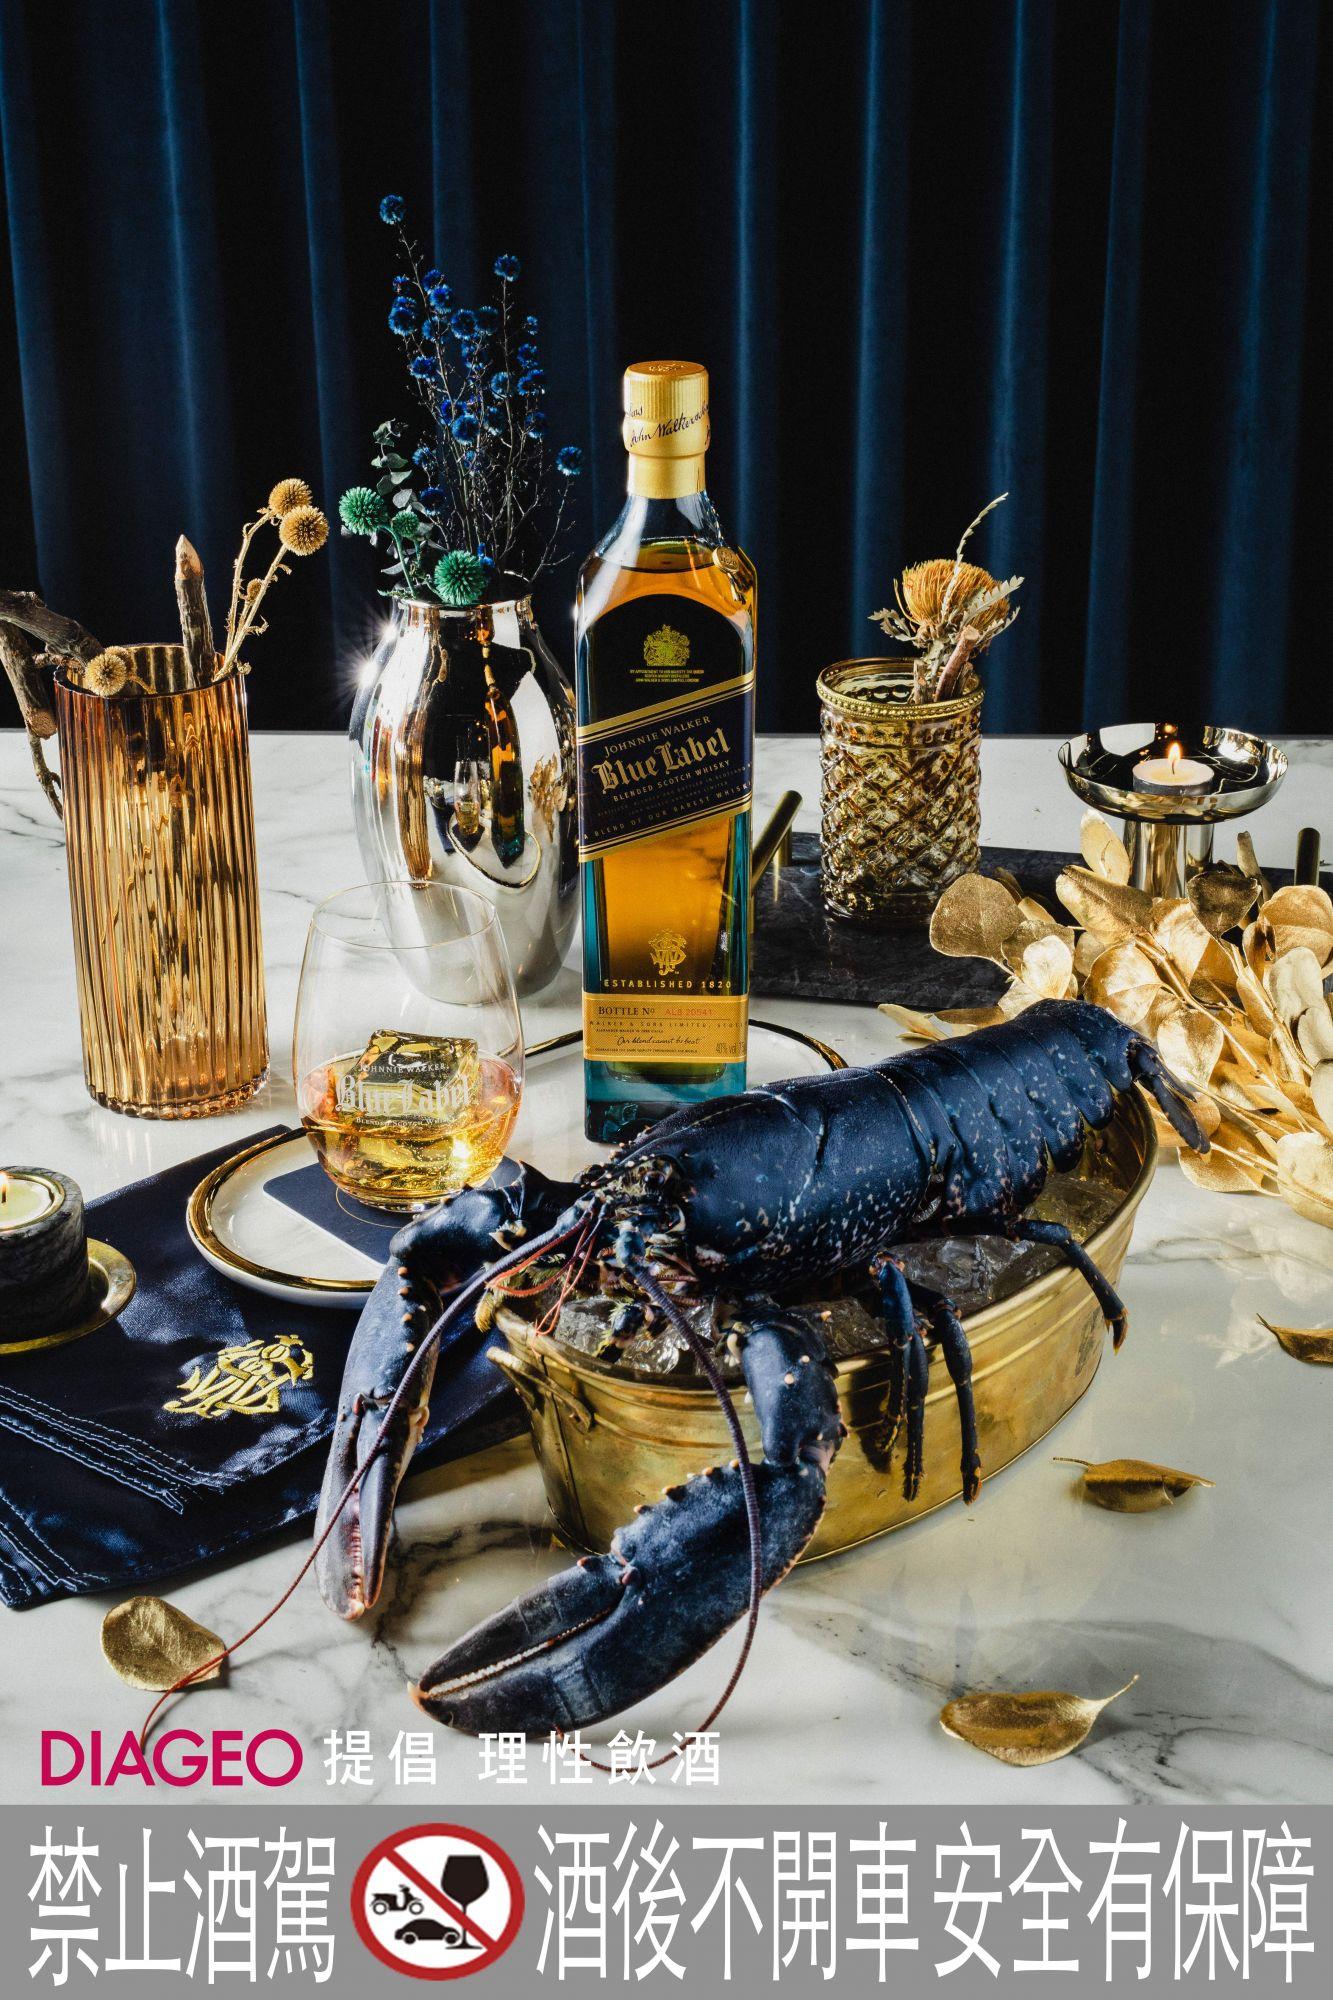 2020開春最震撼人心的頂級饗宴!Johnnie Walker 藍牌體驗會所「藍舍」以罕見珍饈演繹「萬中選一」核心概念